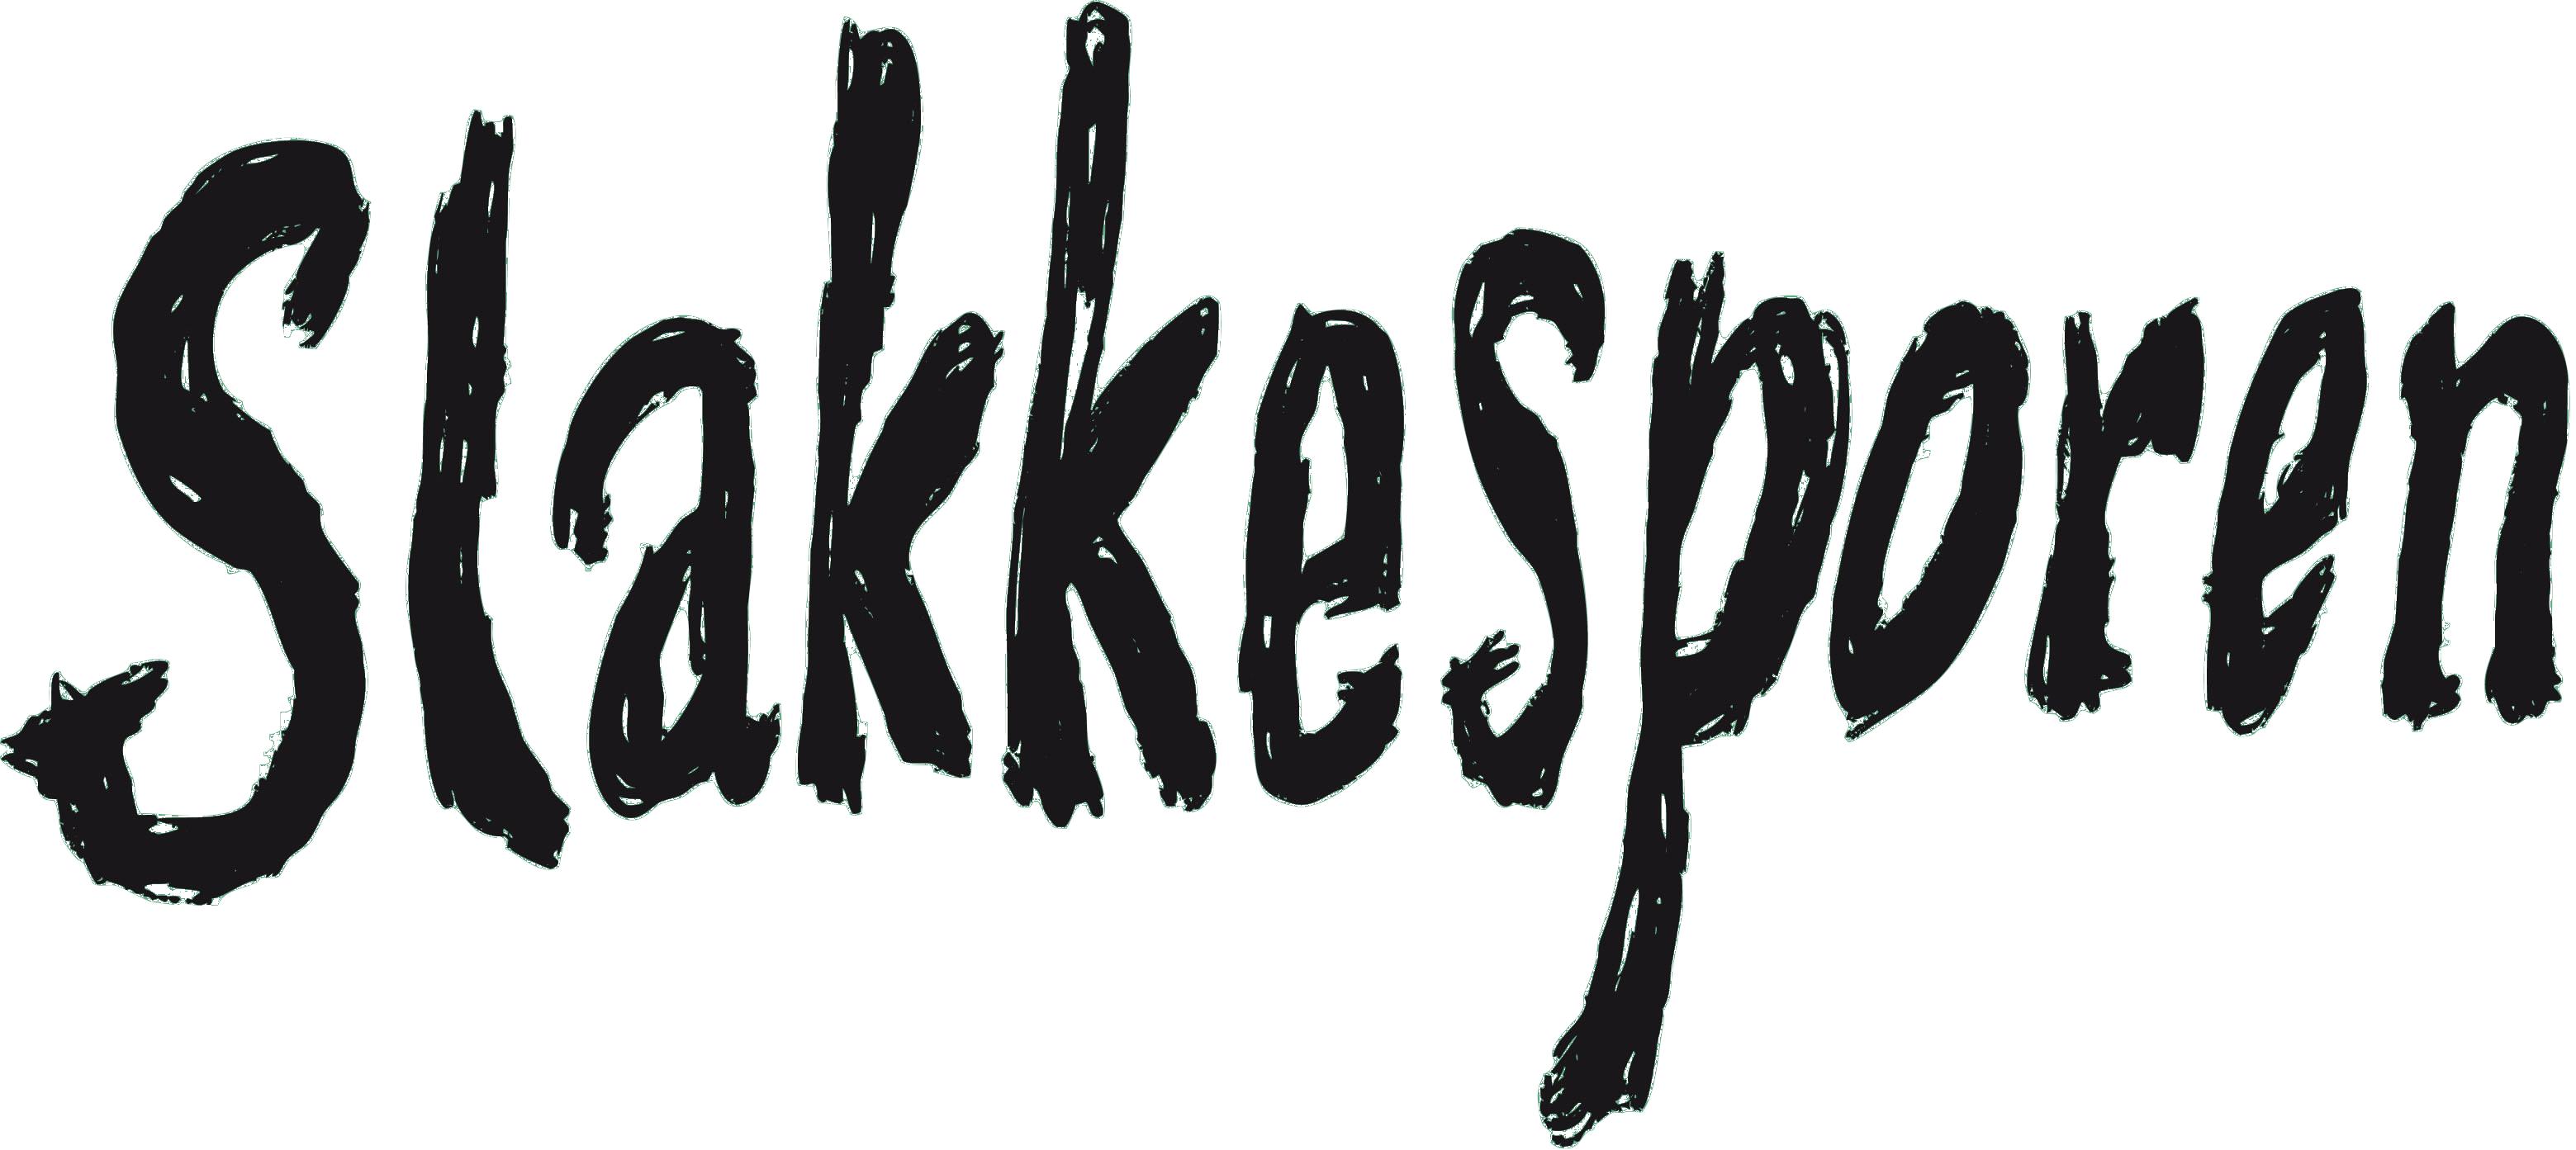 logo-Slakkesporen